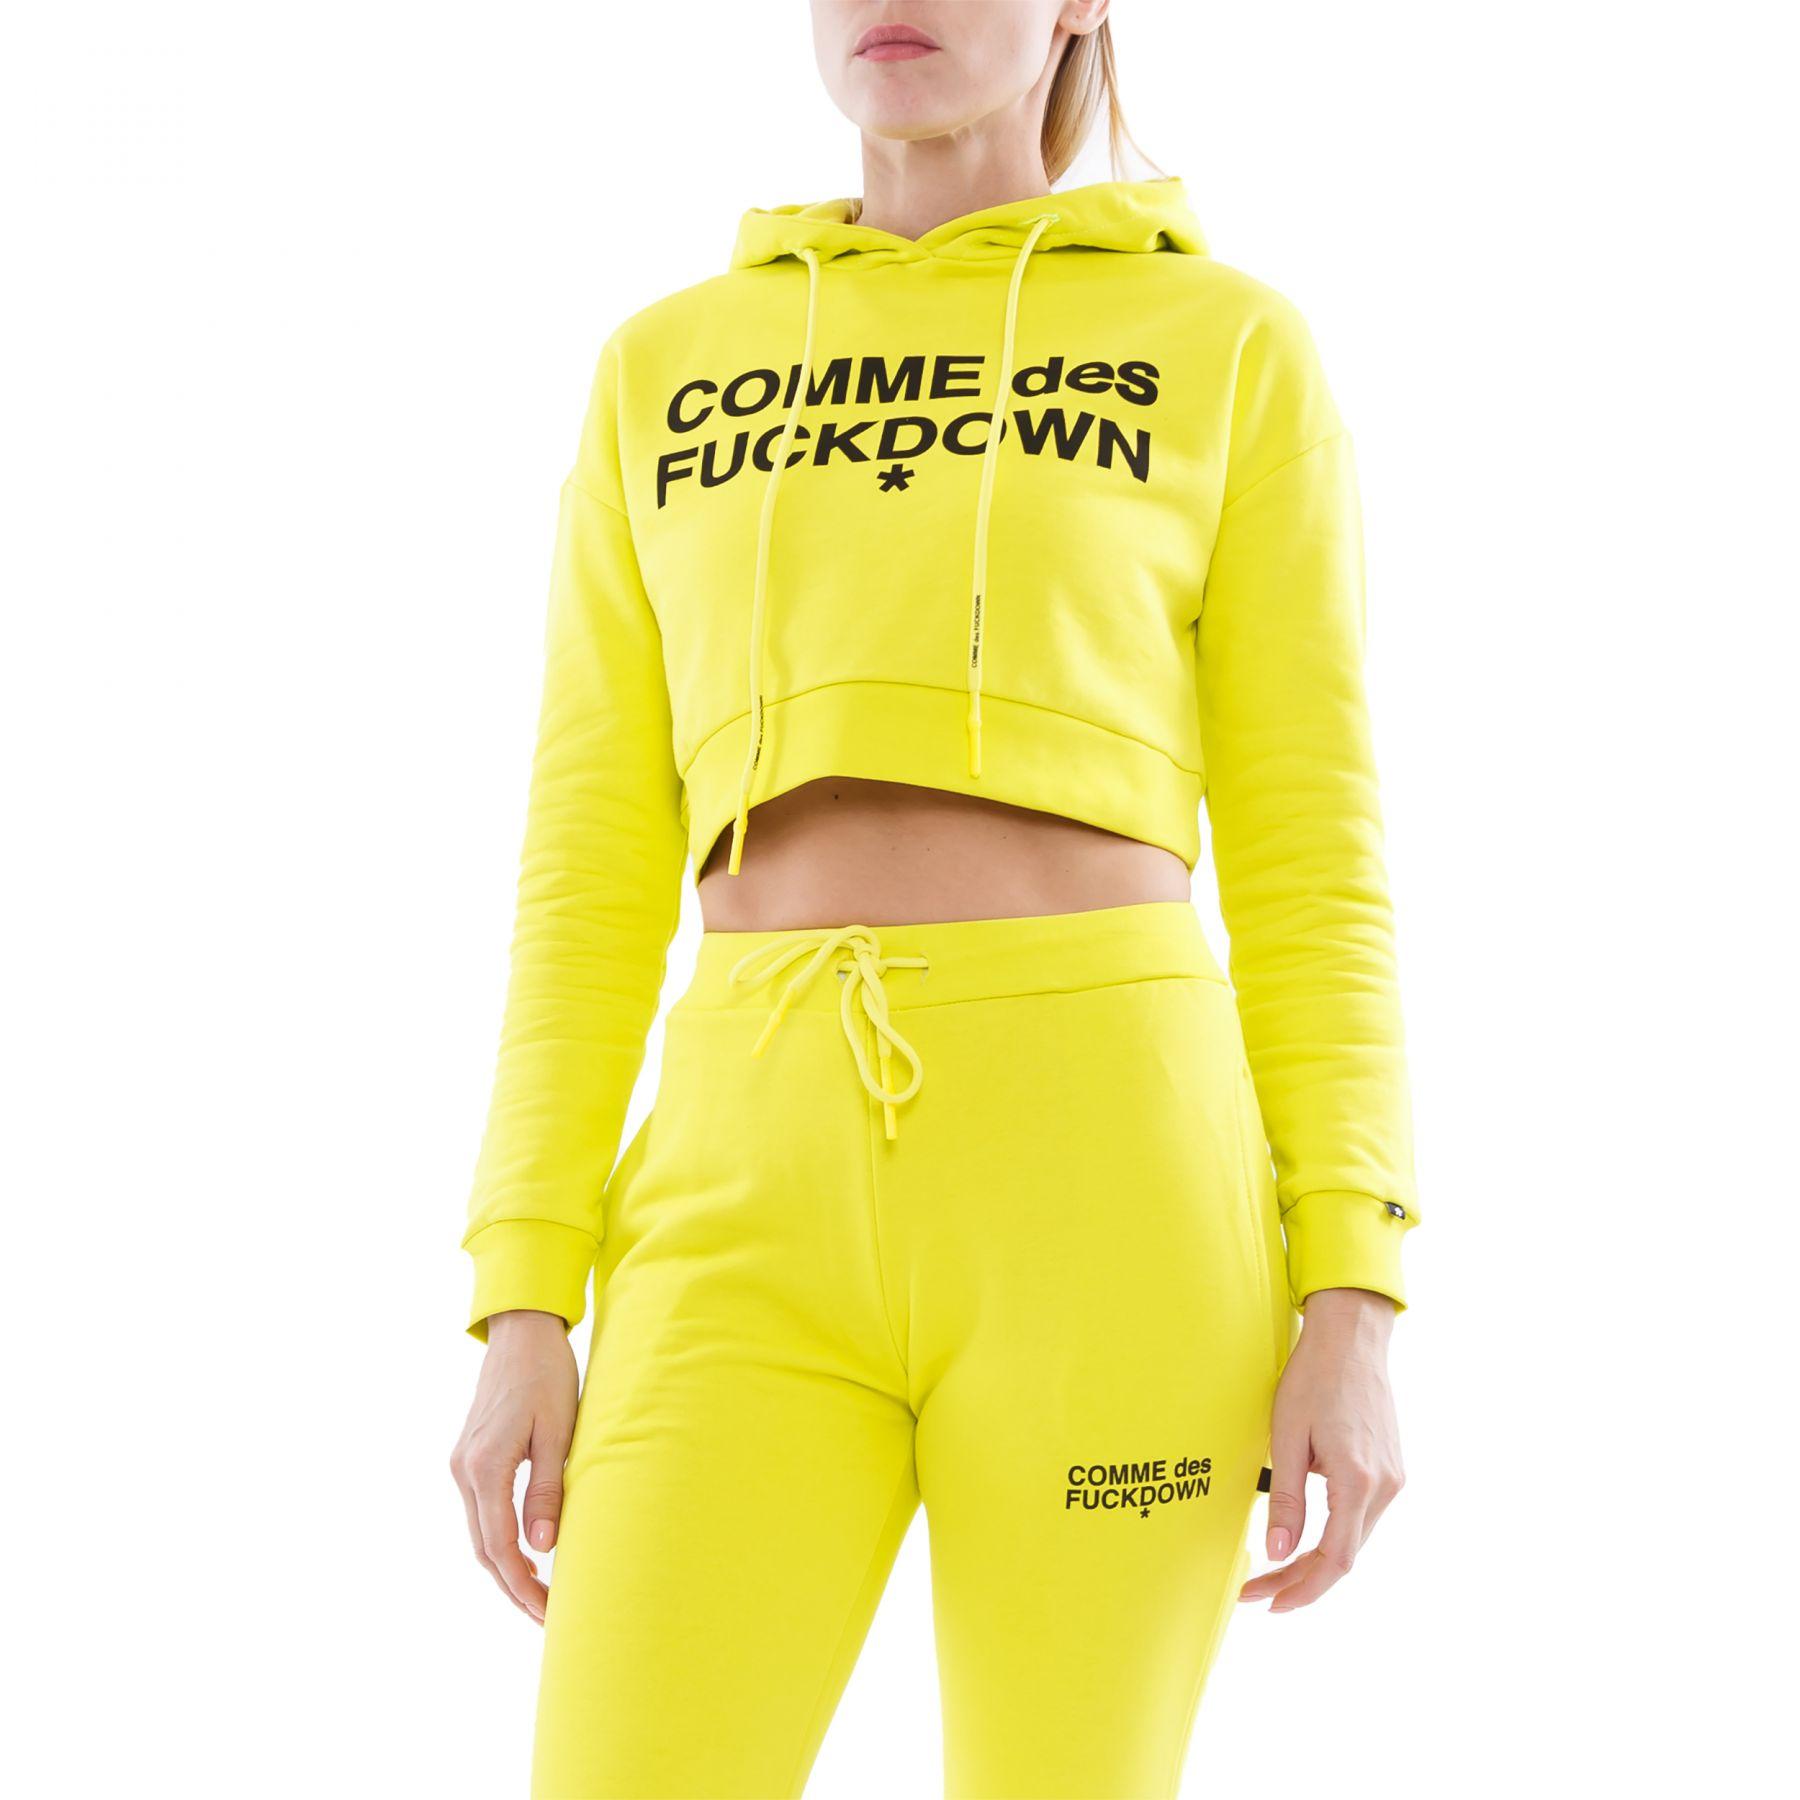 Худи COMME des FUCKDOWN желтое